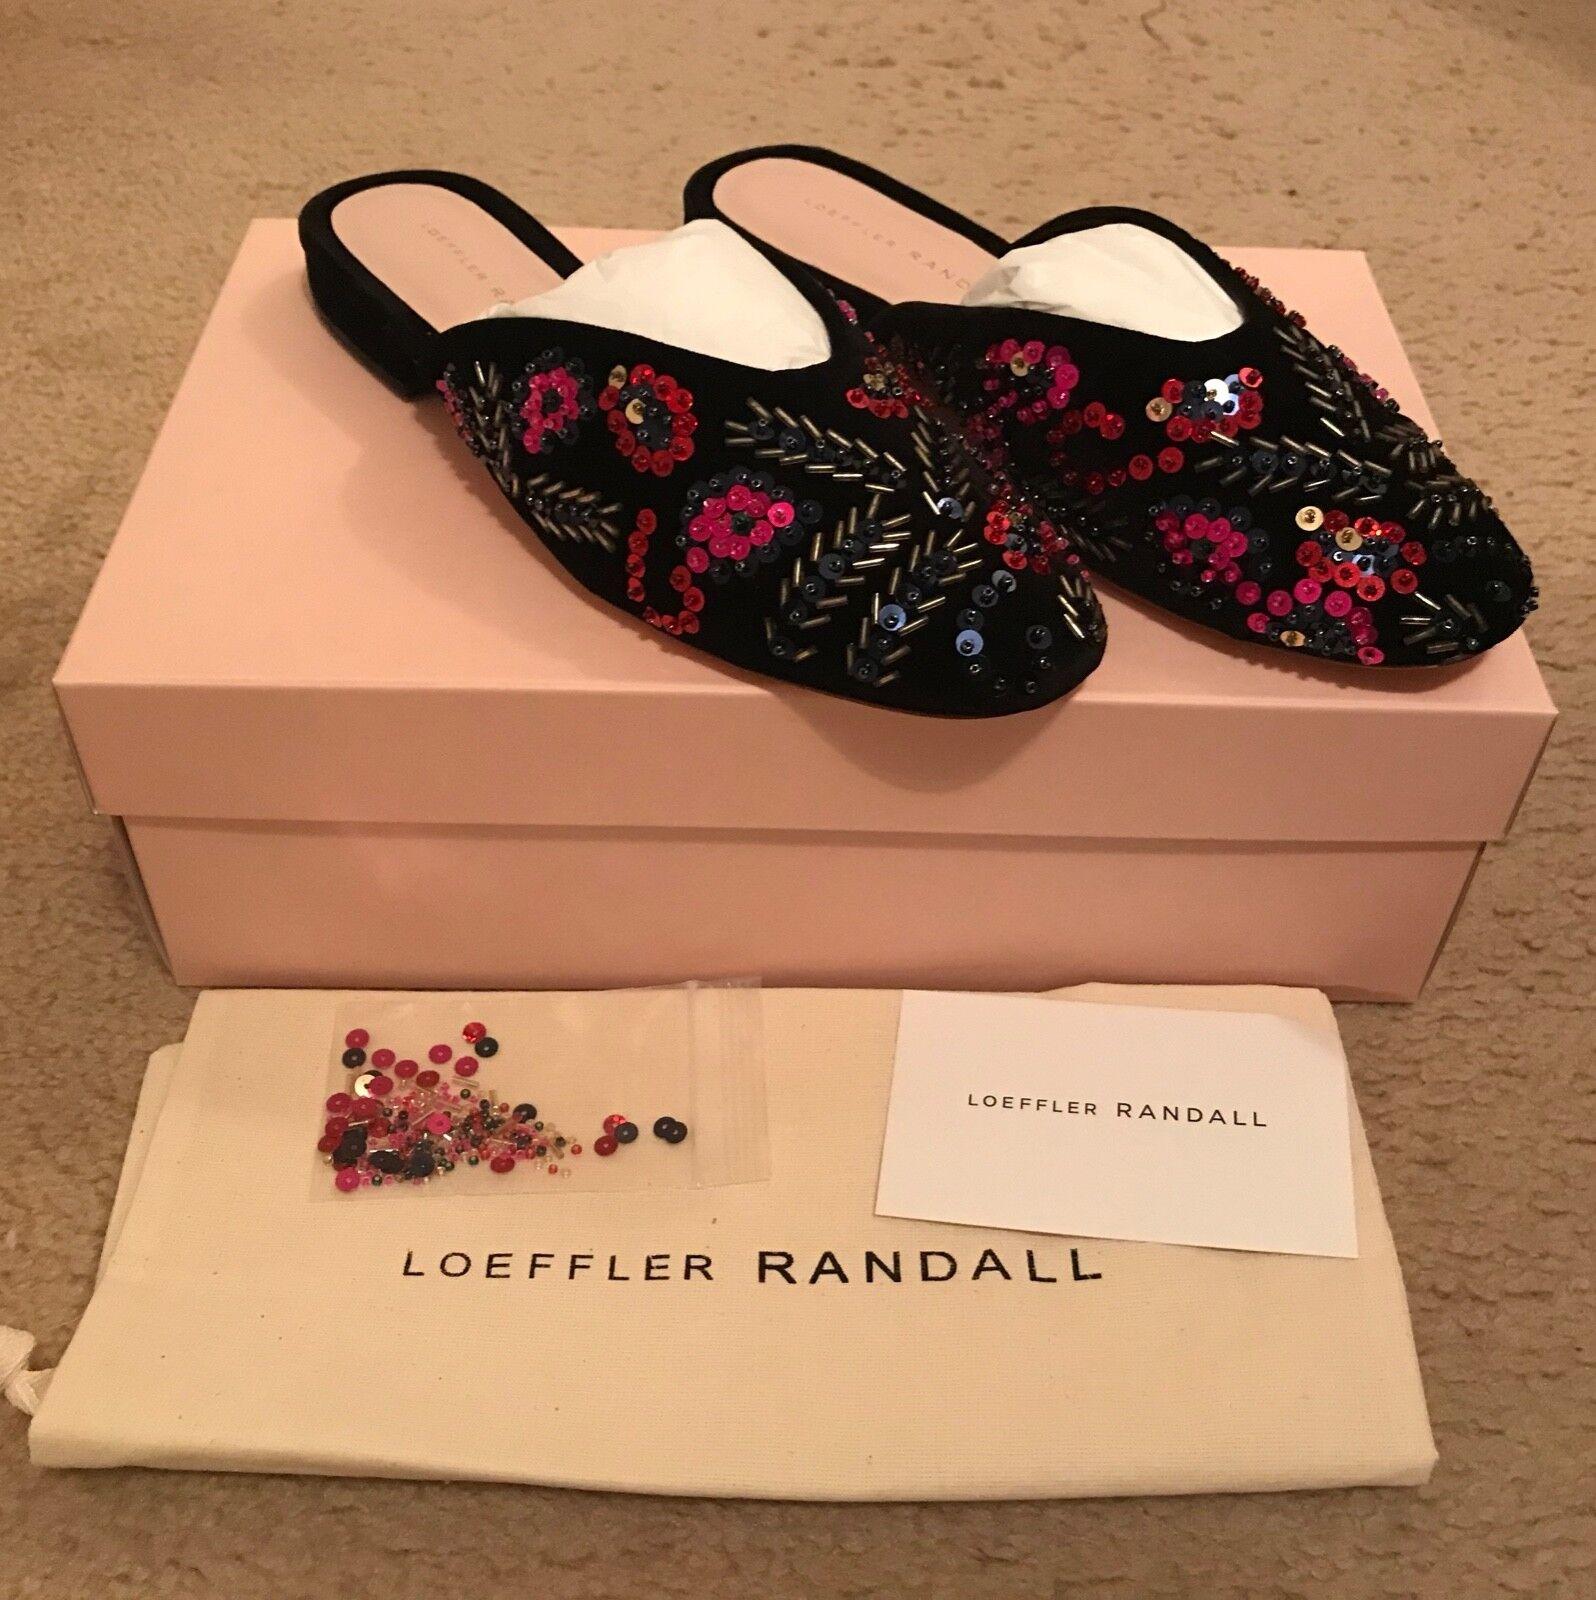 Loeffler Randall Randall Randall Quin con cuentas lentejuelas gamuza mula planas tamaño 6B Negro Multi  395  promociones